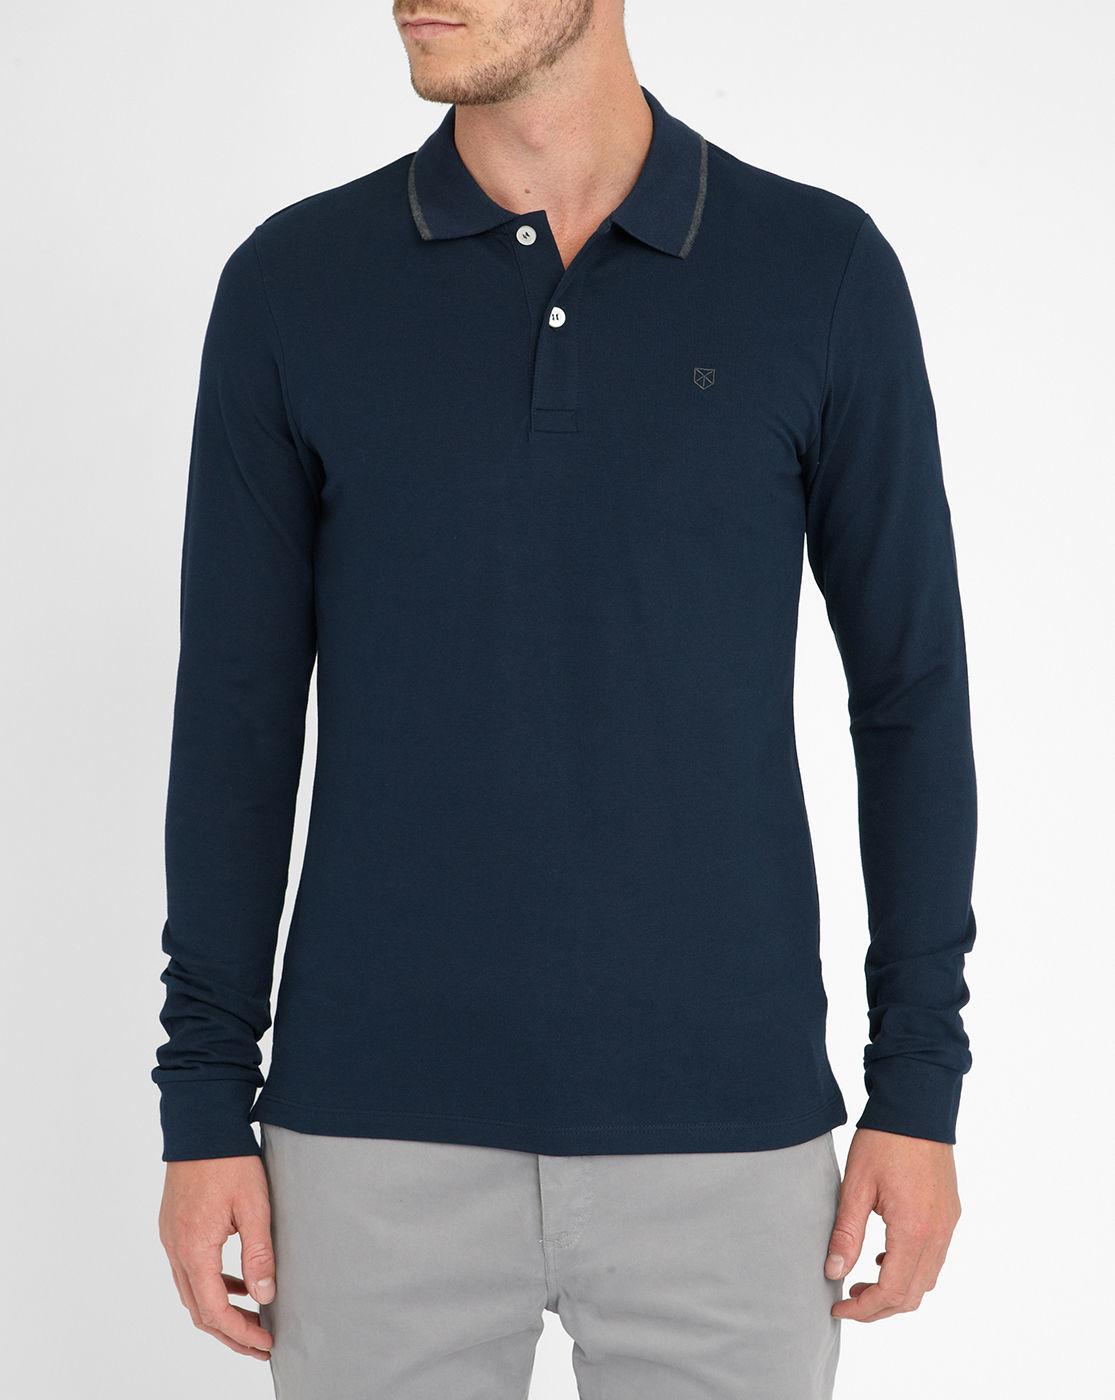 Jack Jones Navy Long Sleeve Polo Shirt In Blue For Men